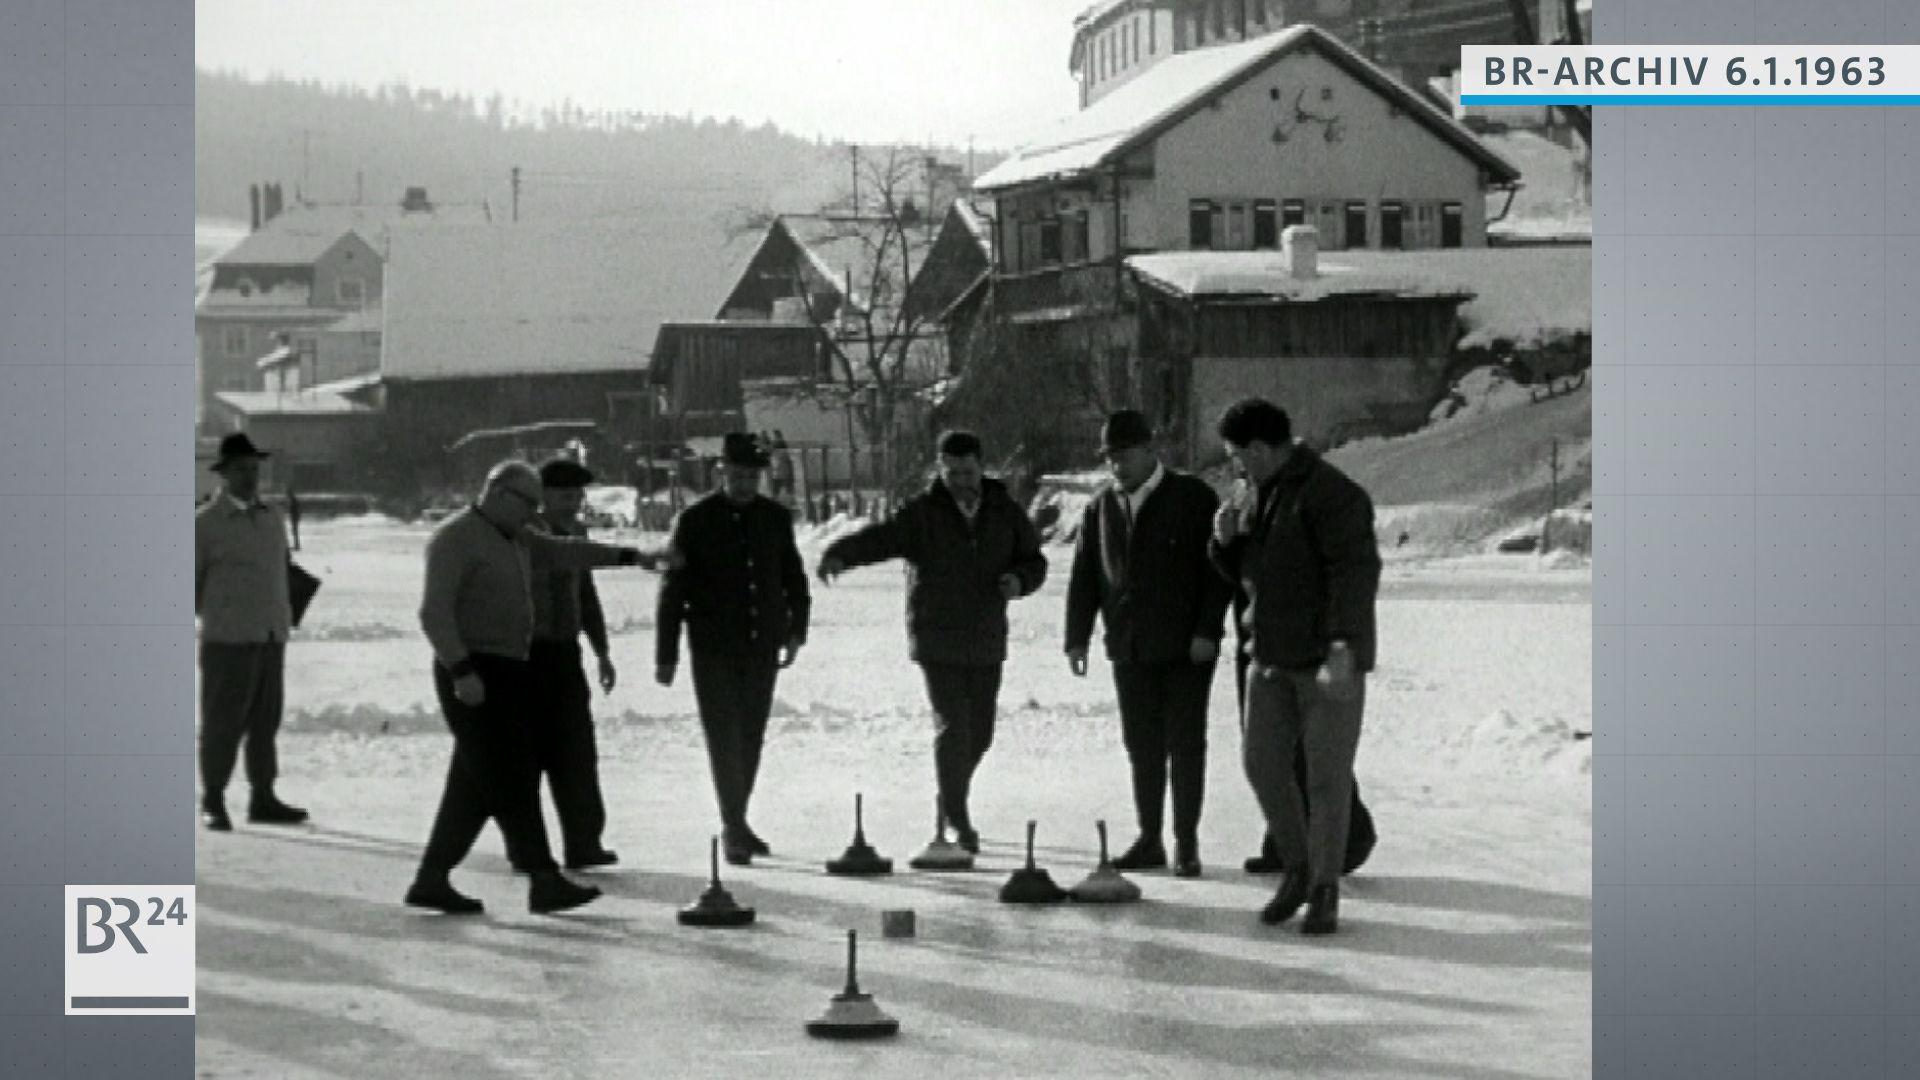 Männer beim Eisstockschießen